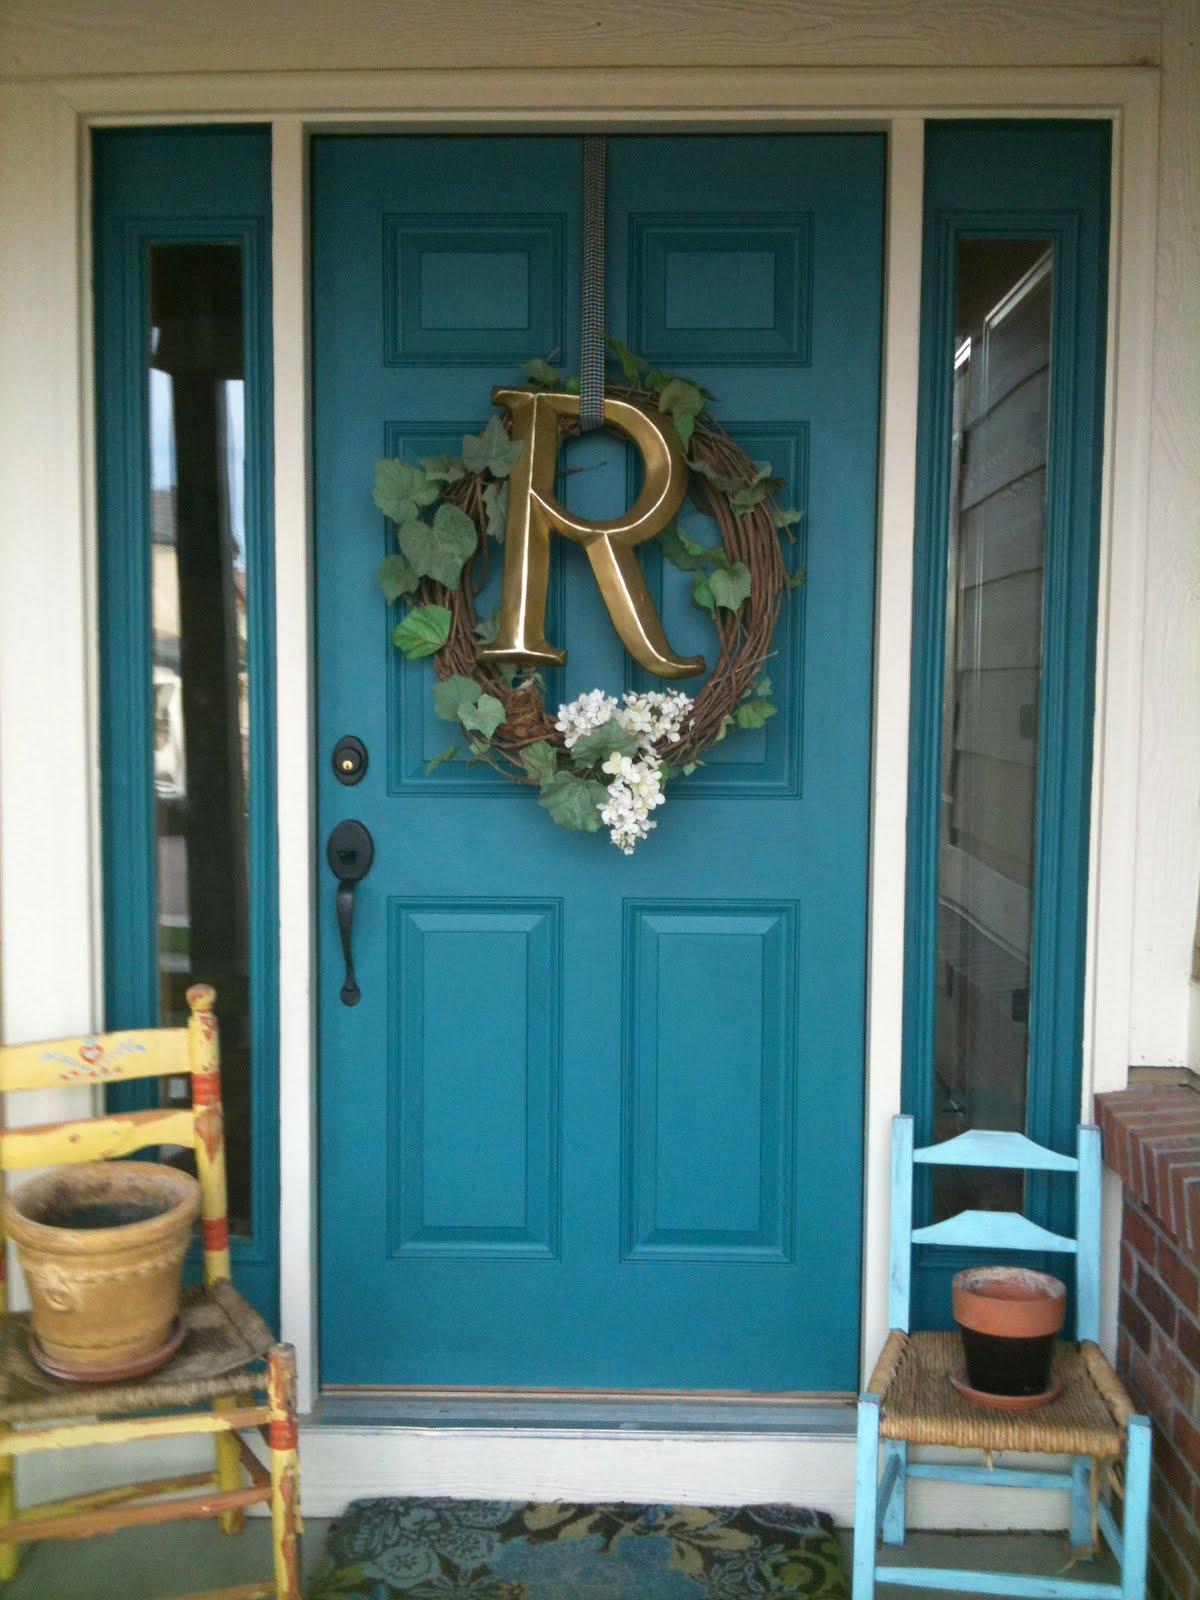 Surprising Husker Dream Homes Express Yourself Door Handles Collection Dhjemzonderlifede